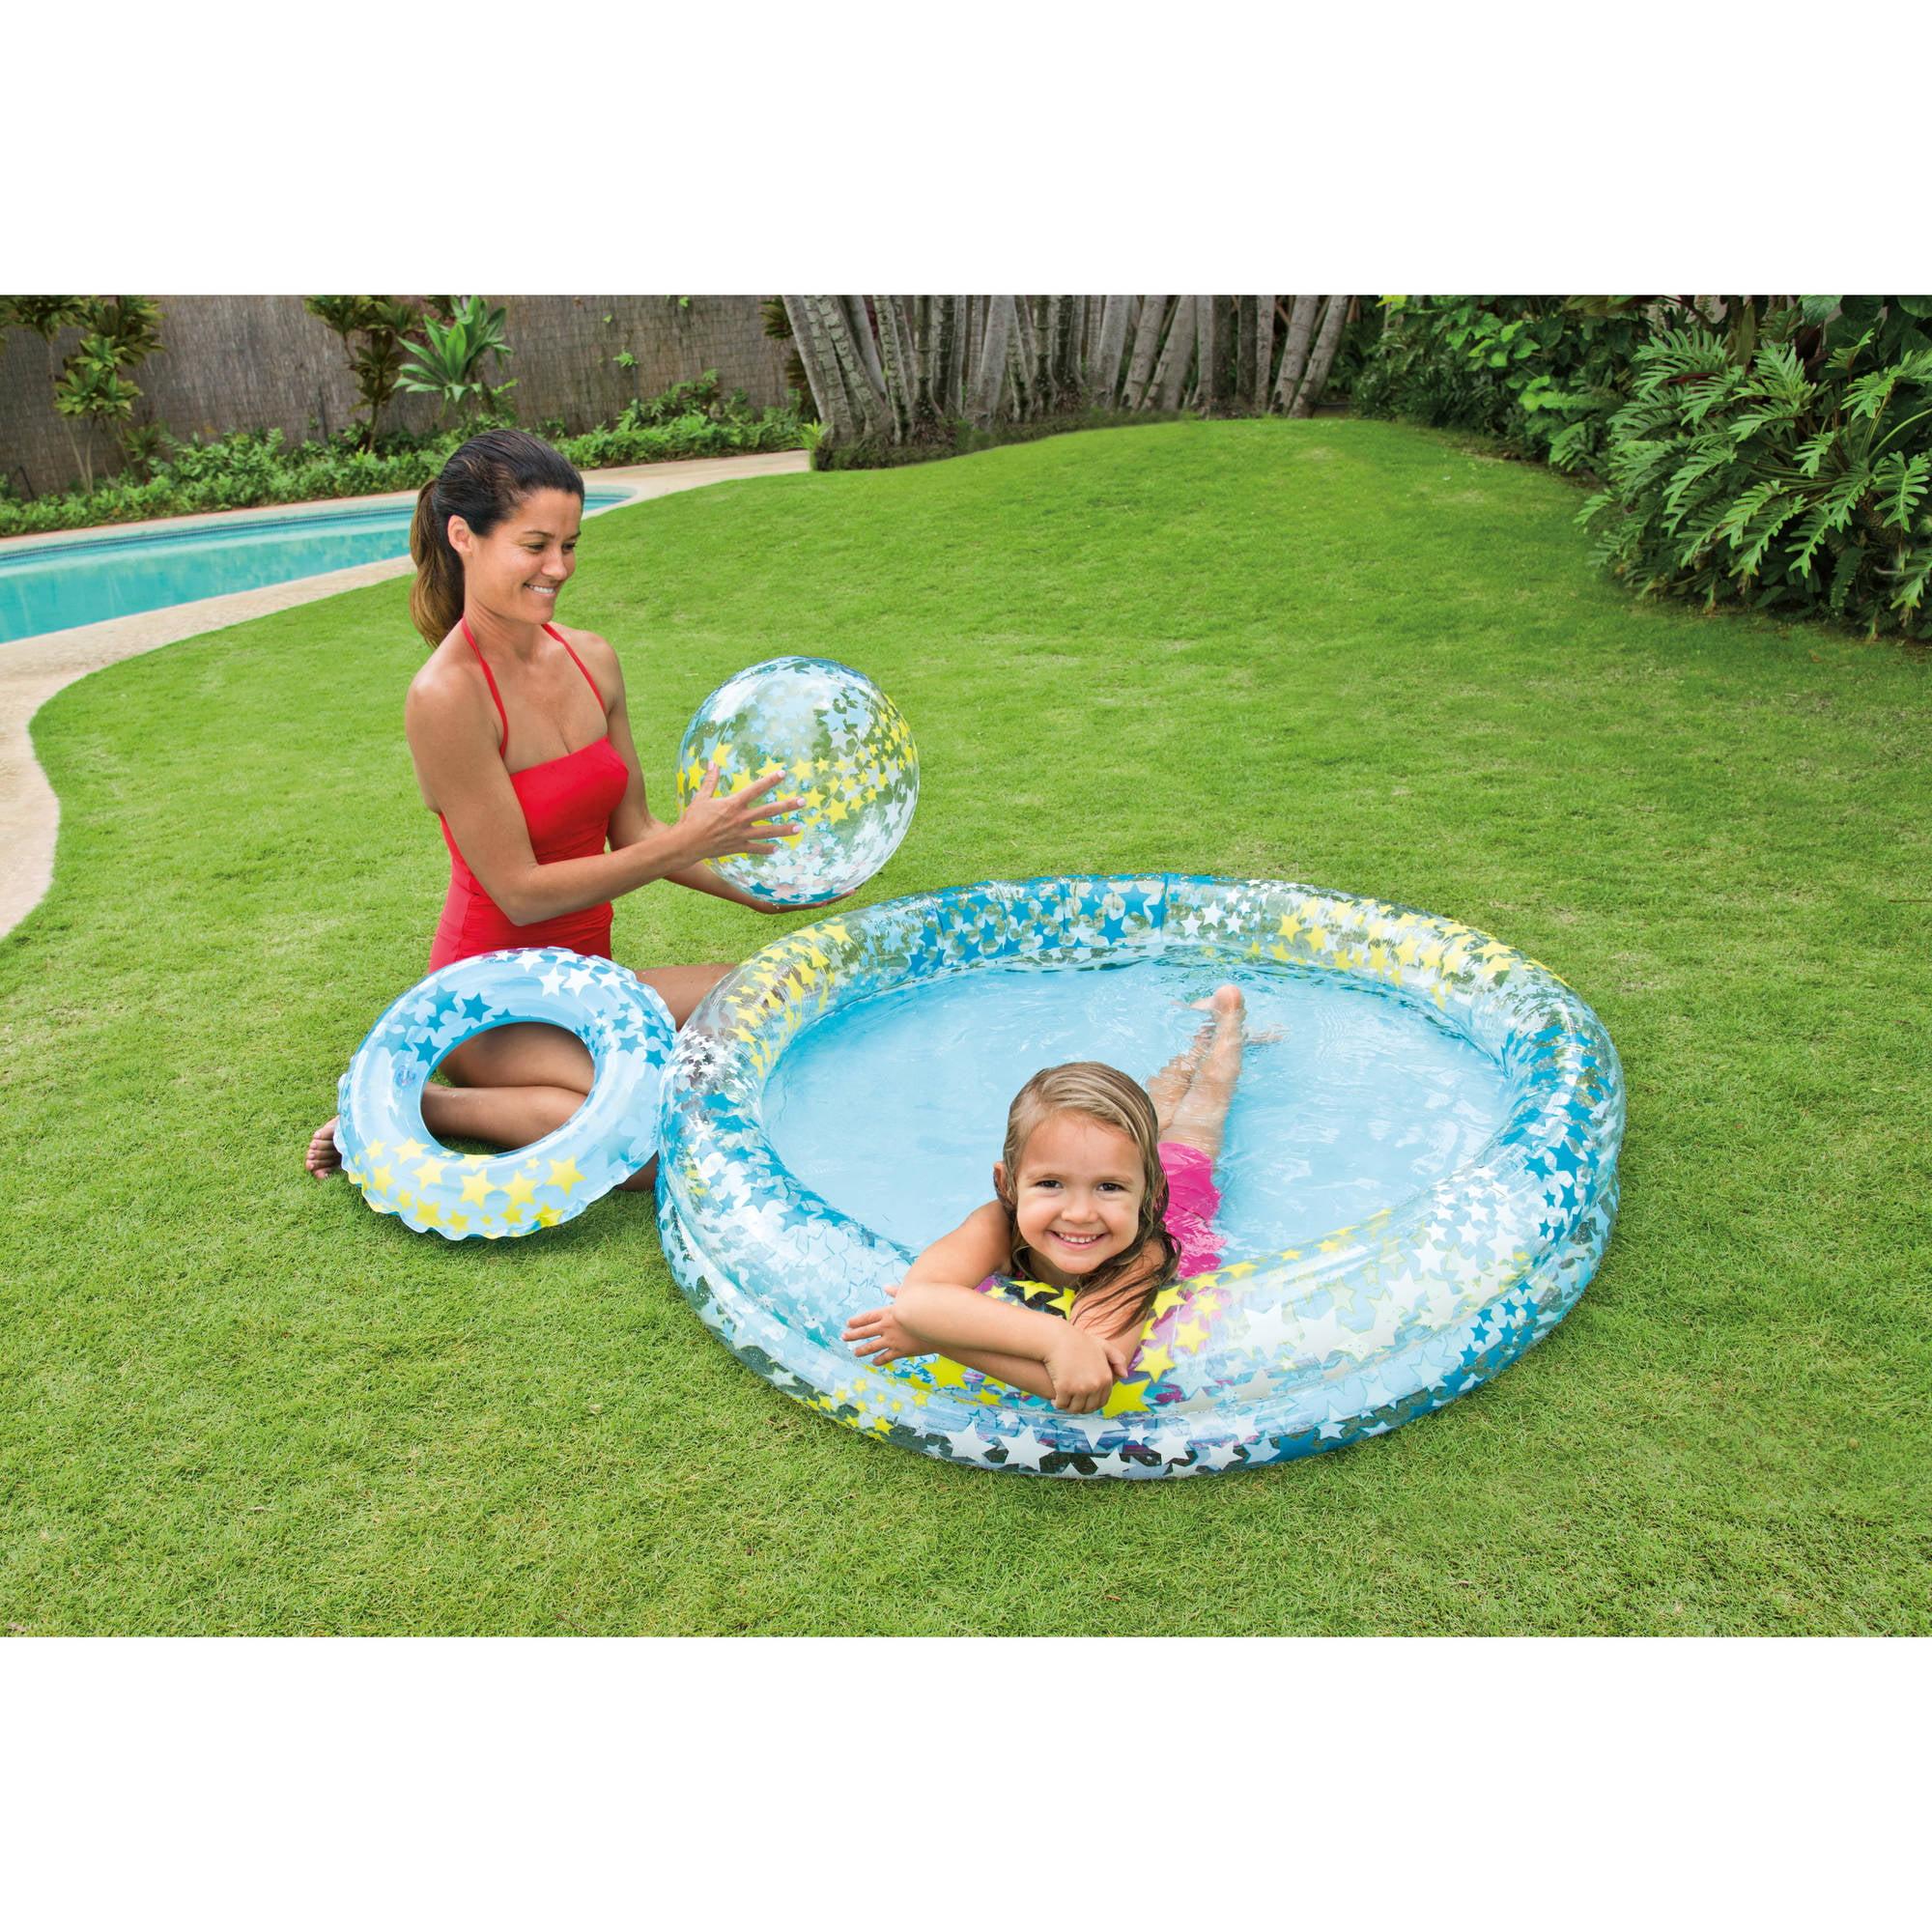 Intex Inflatable Stargaze Kiddie Pool Set by Intex